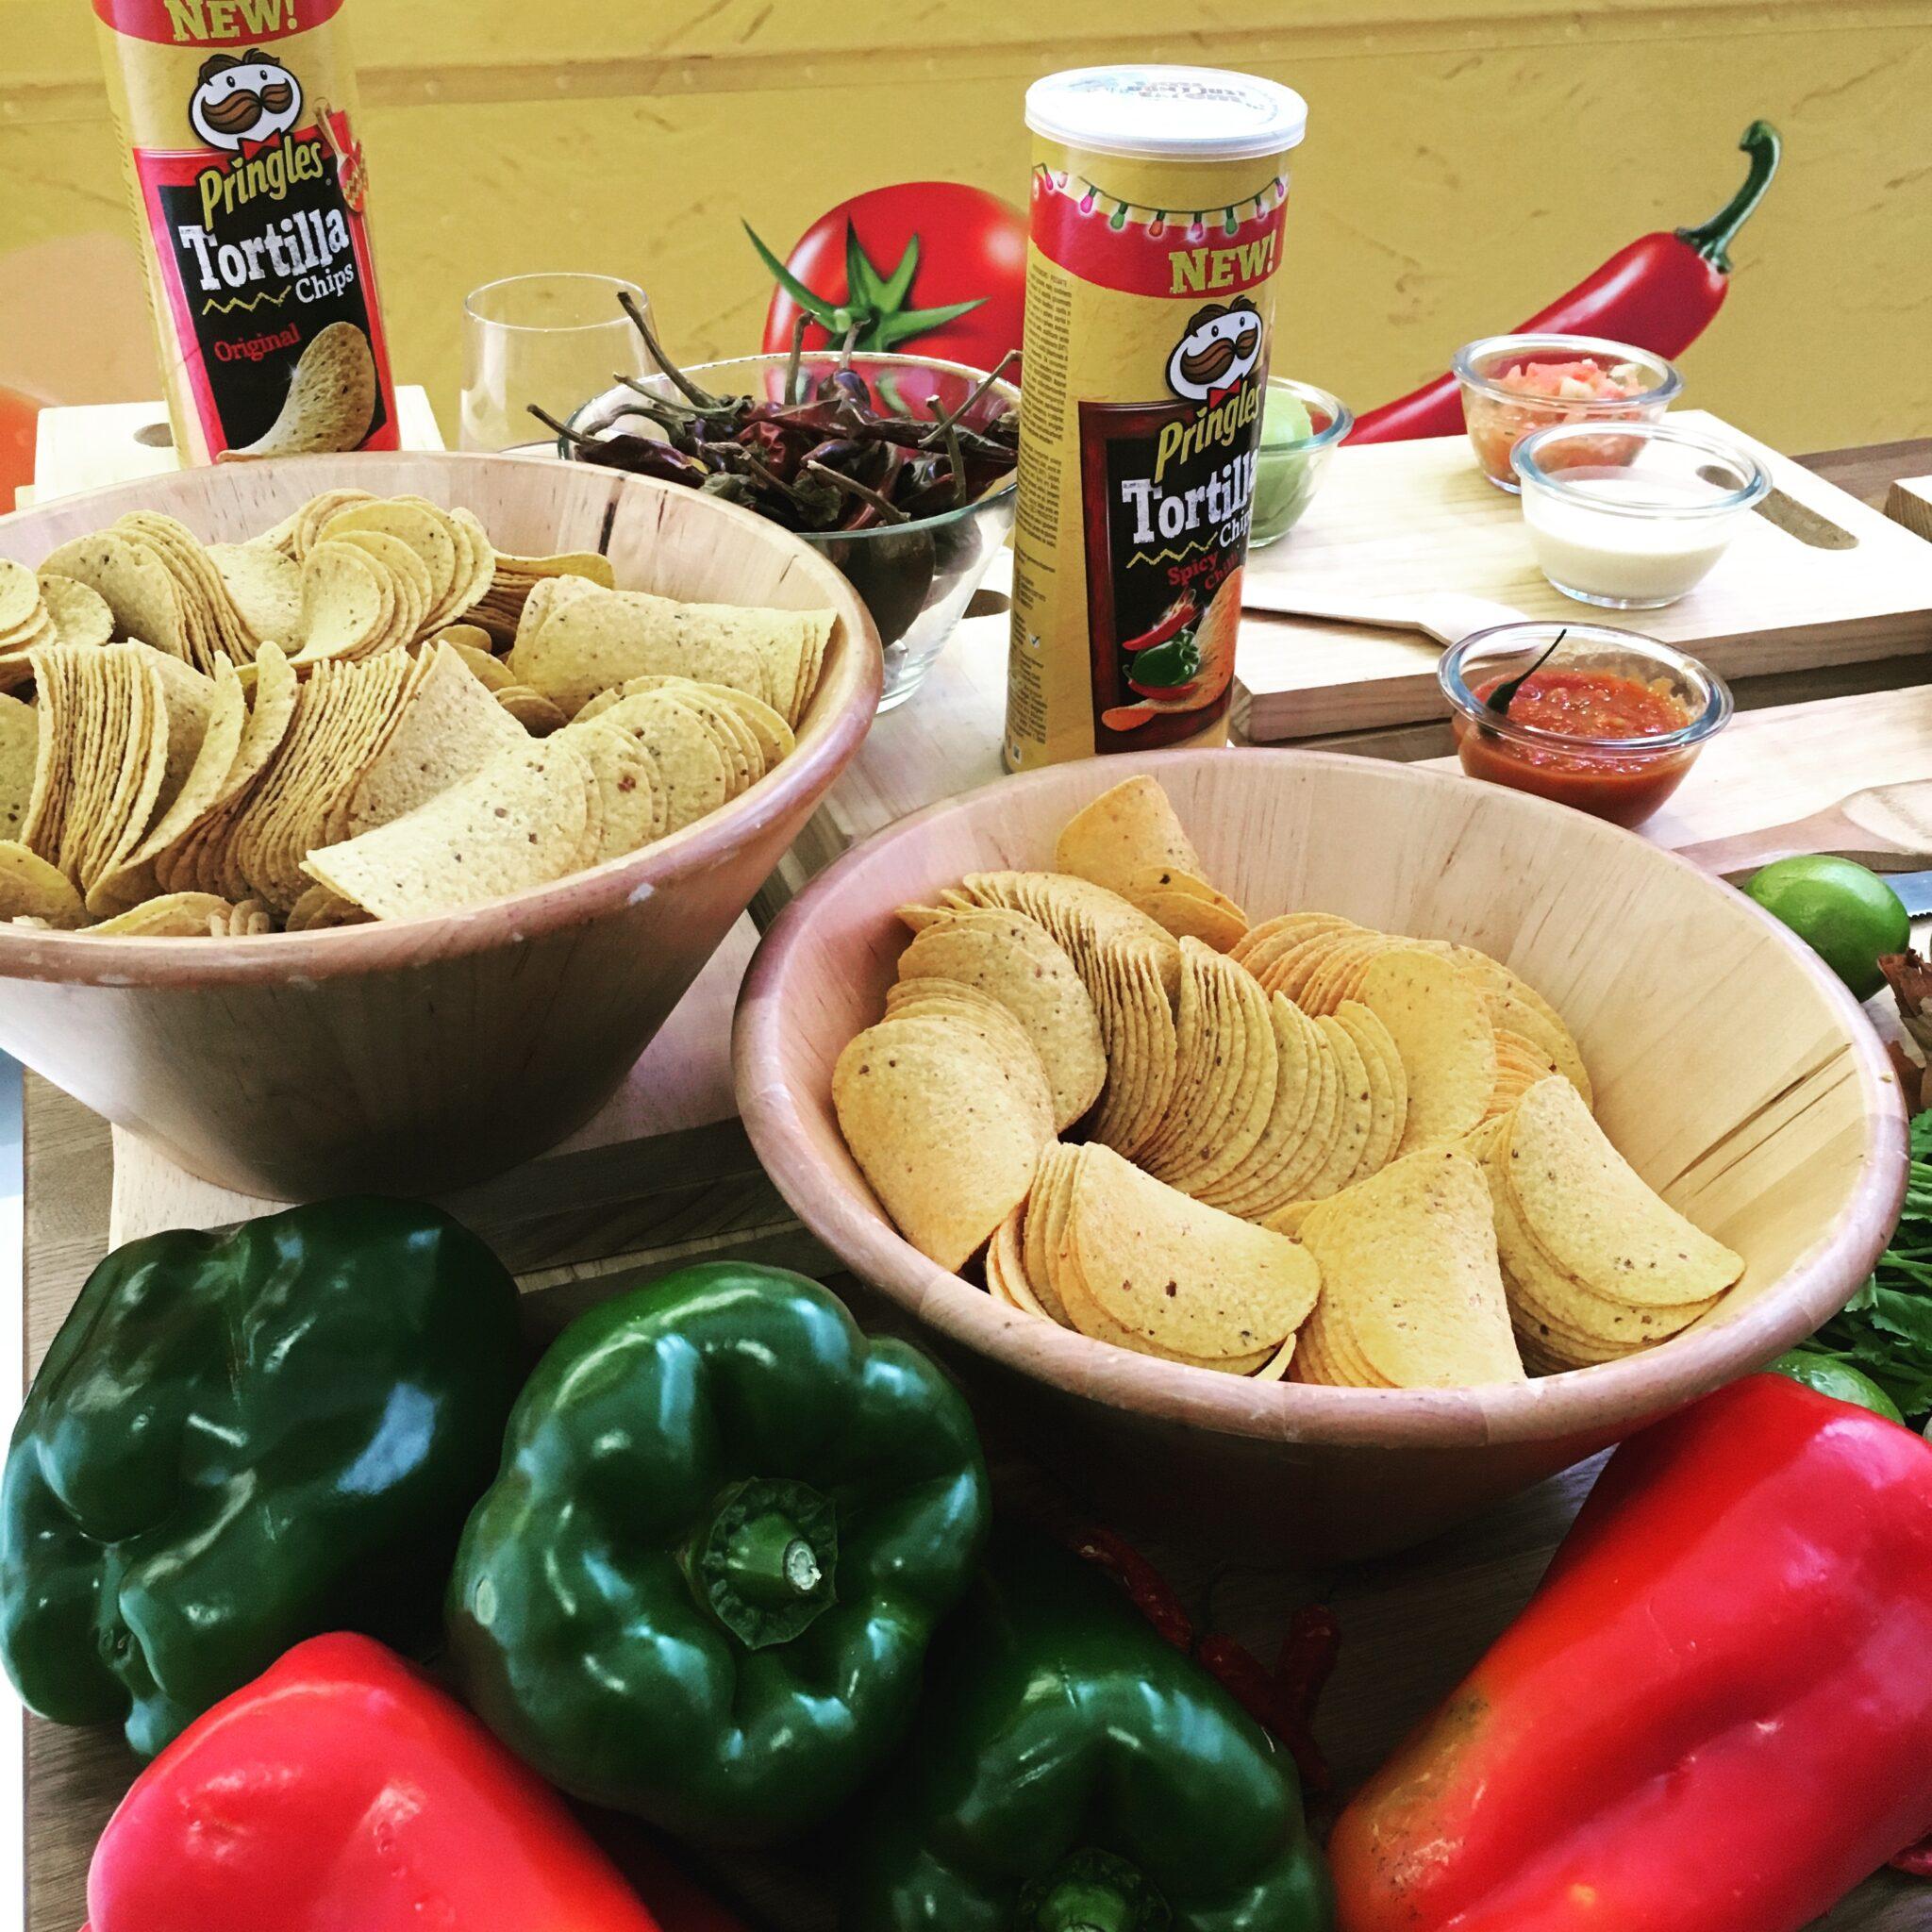 Presentación de las Pringles Tortilla